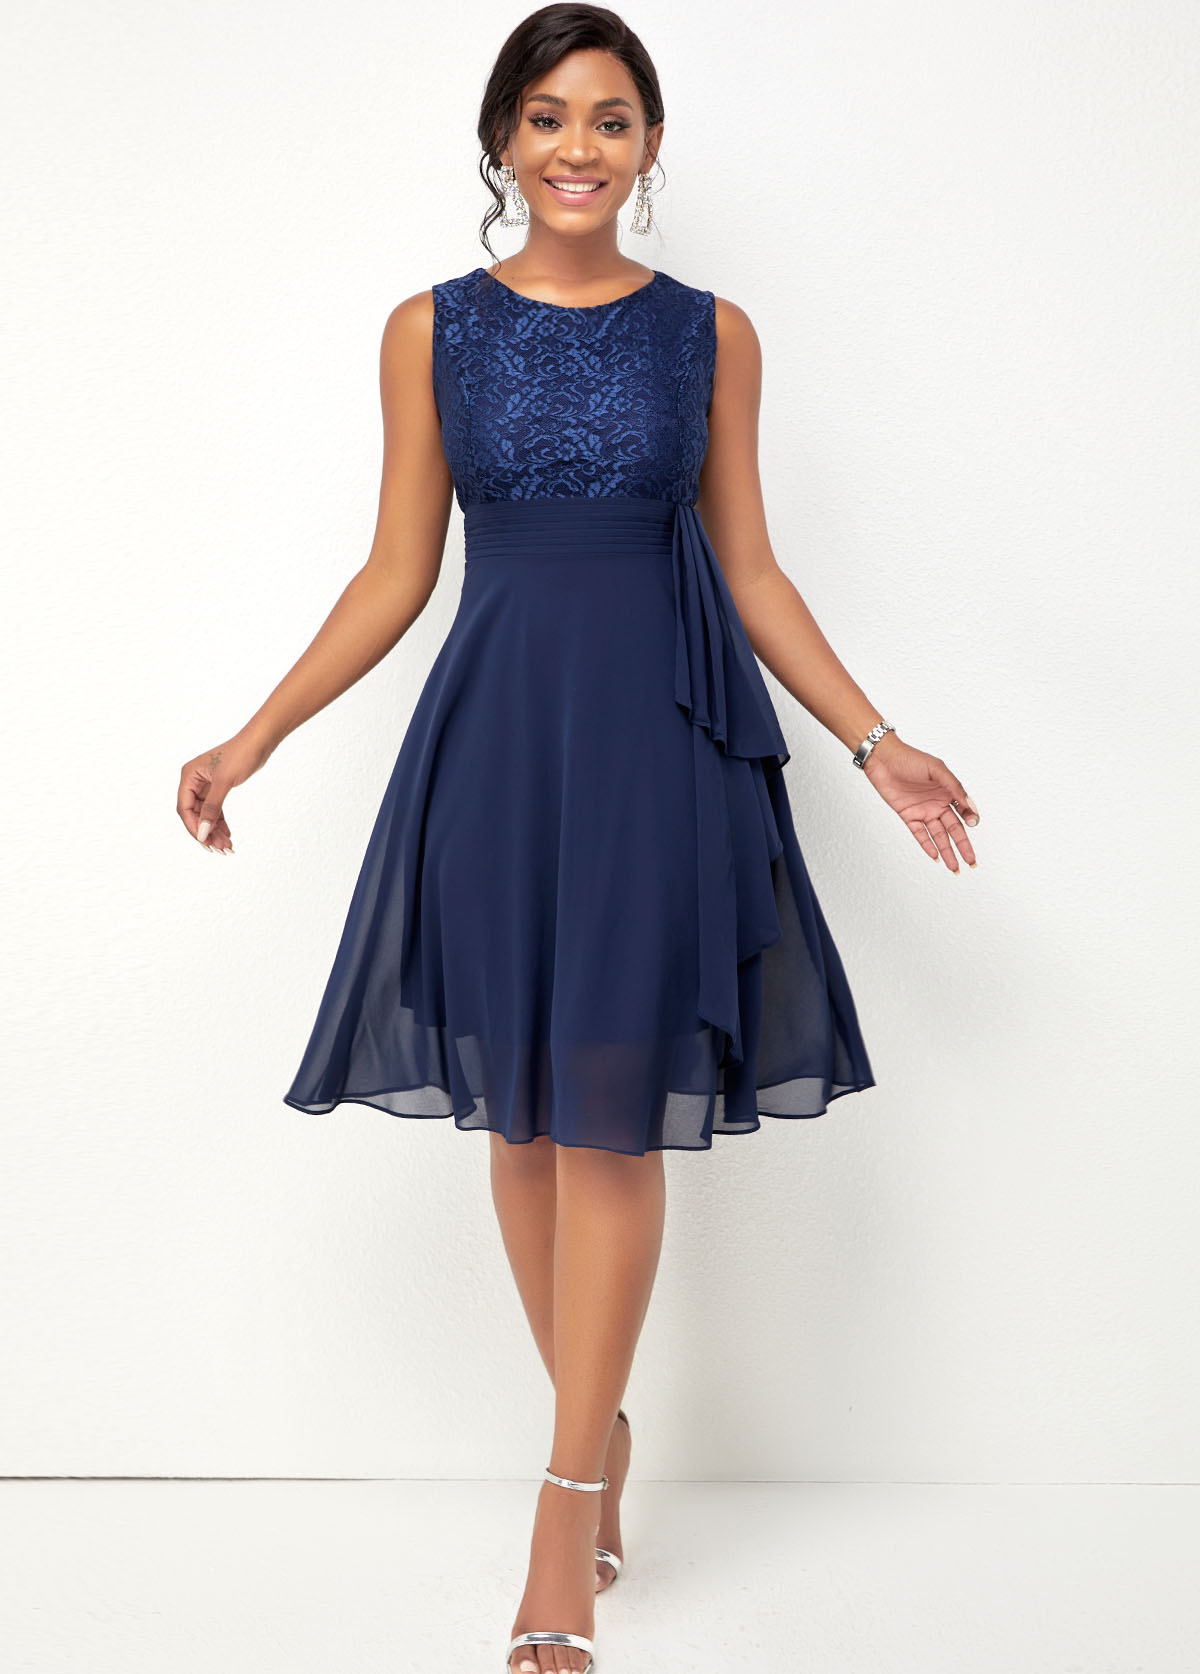 Chiffon Lace Stitching Navy Blue Dress